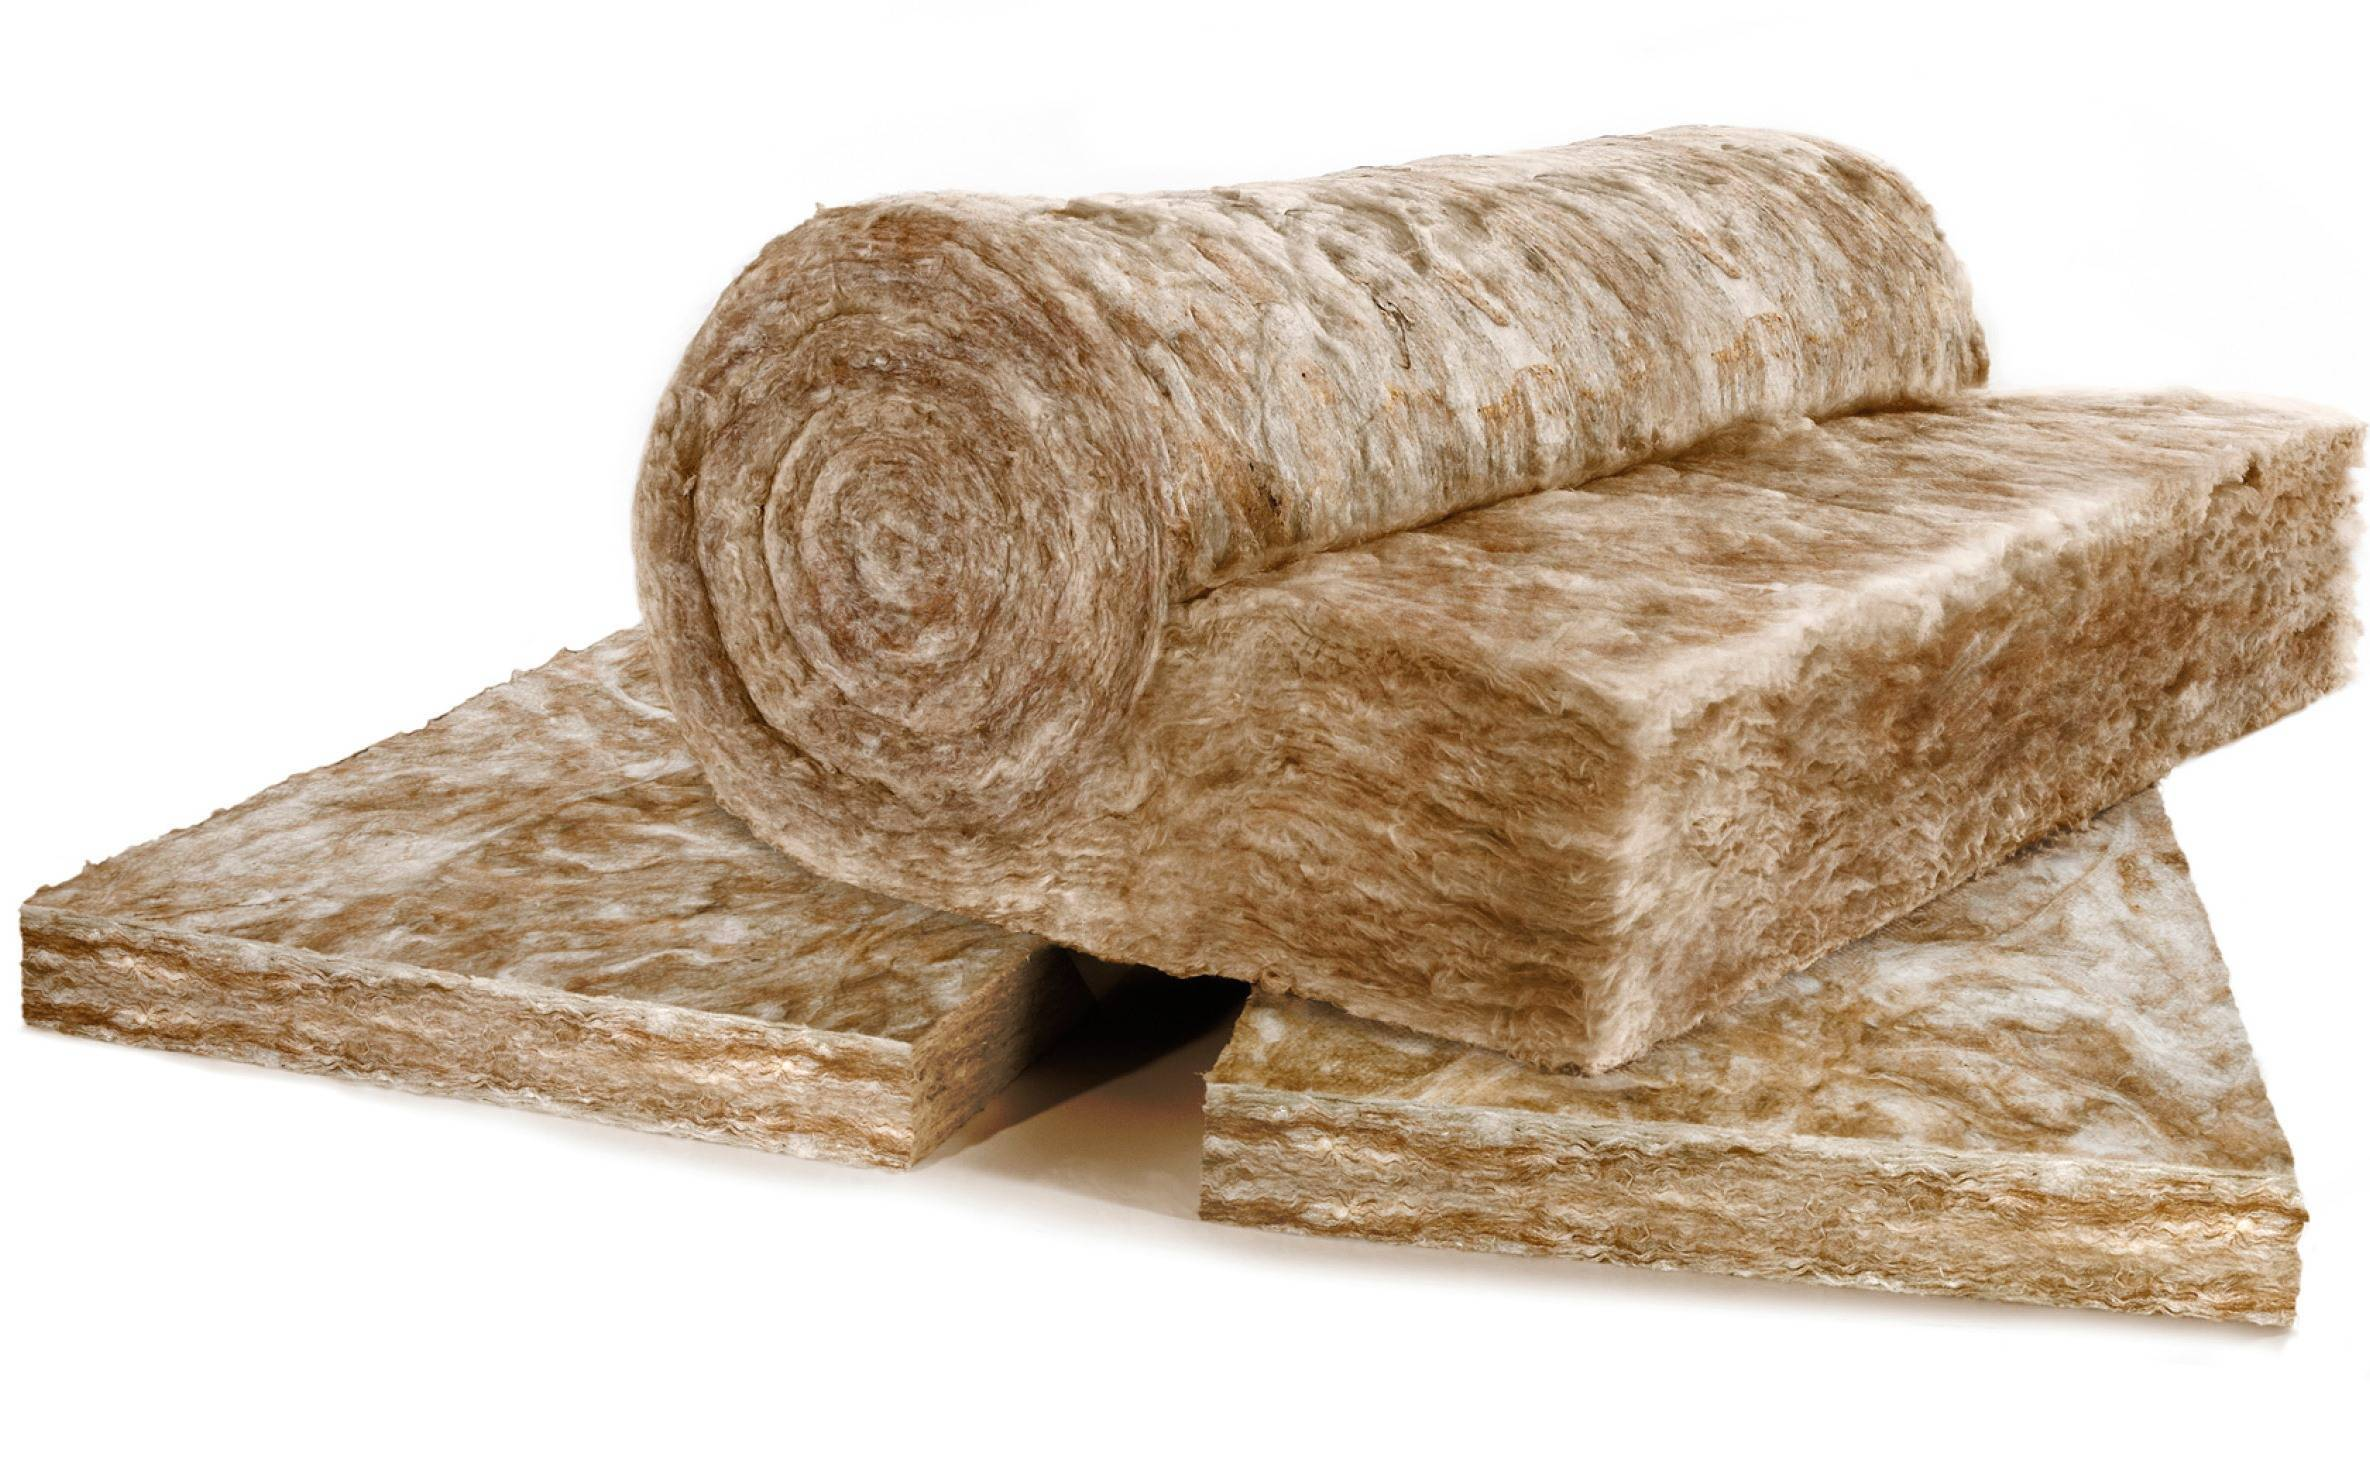 Минвата или базальтовая вата: что лучше для утепления?